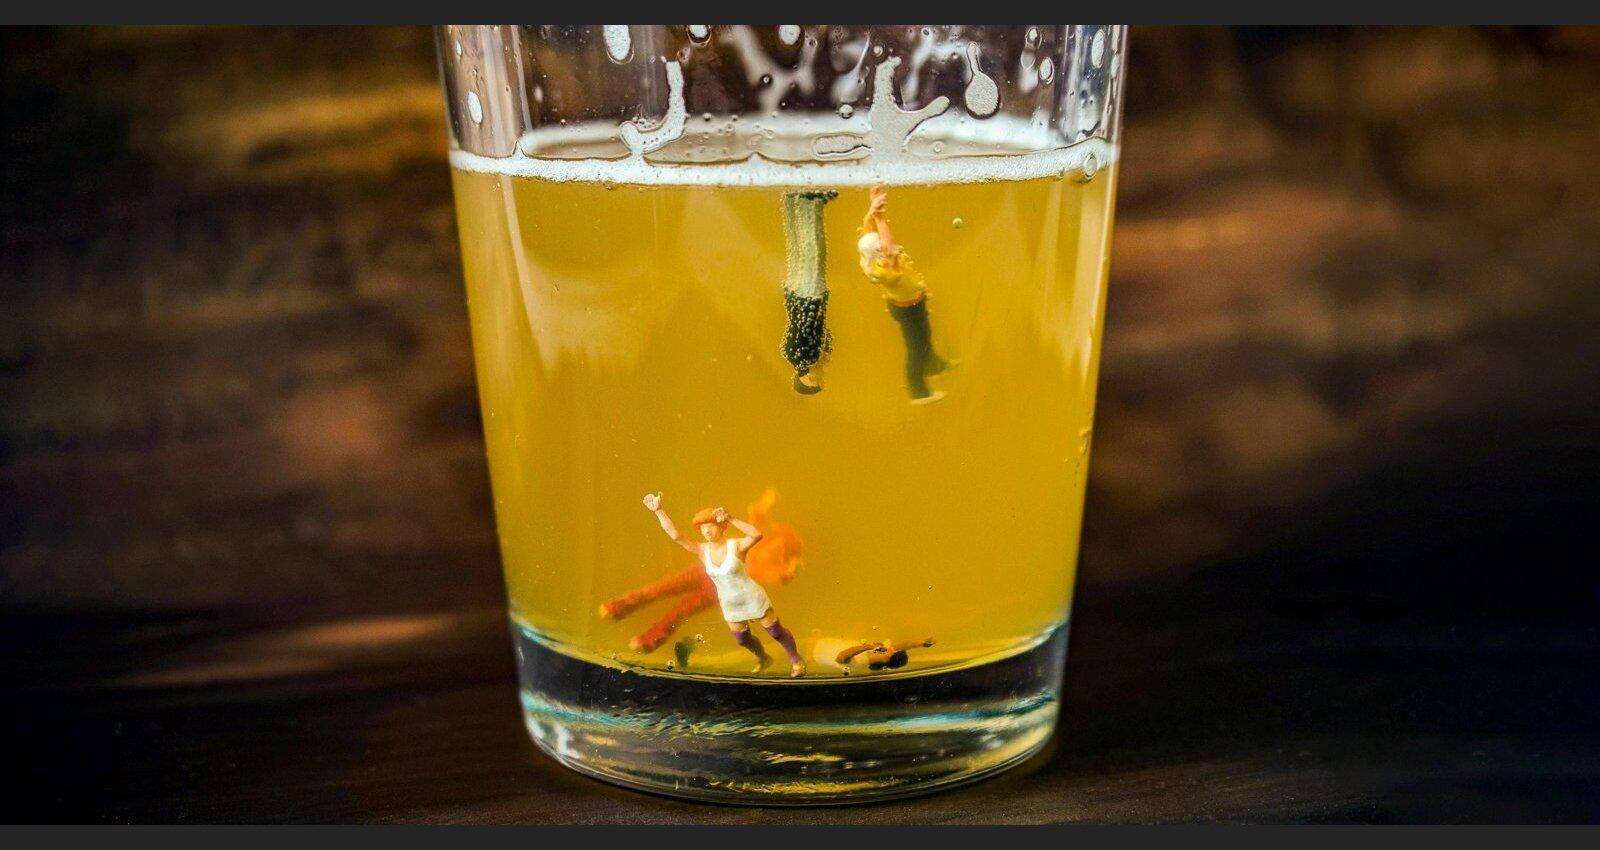 Dīkstāve, apgrozījuma kritums, jaunas garšas – kā alus darītāji pārvar vīrusa postažu